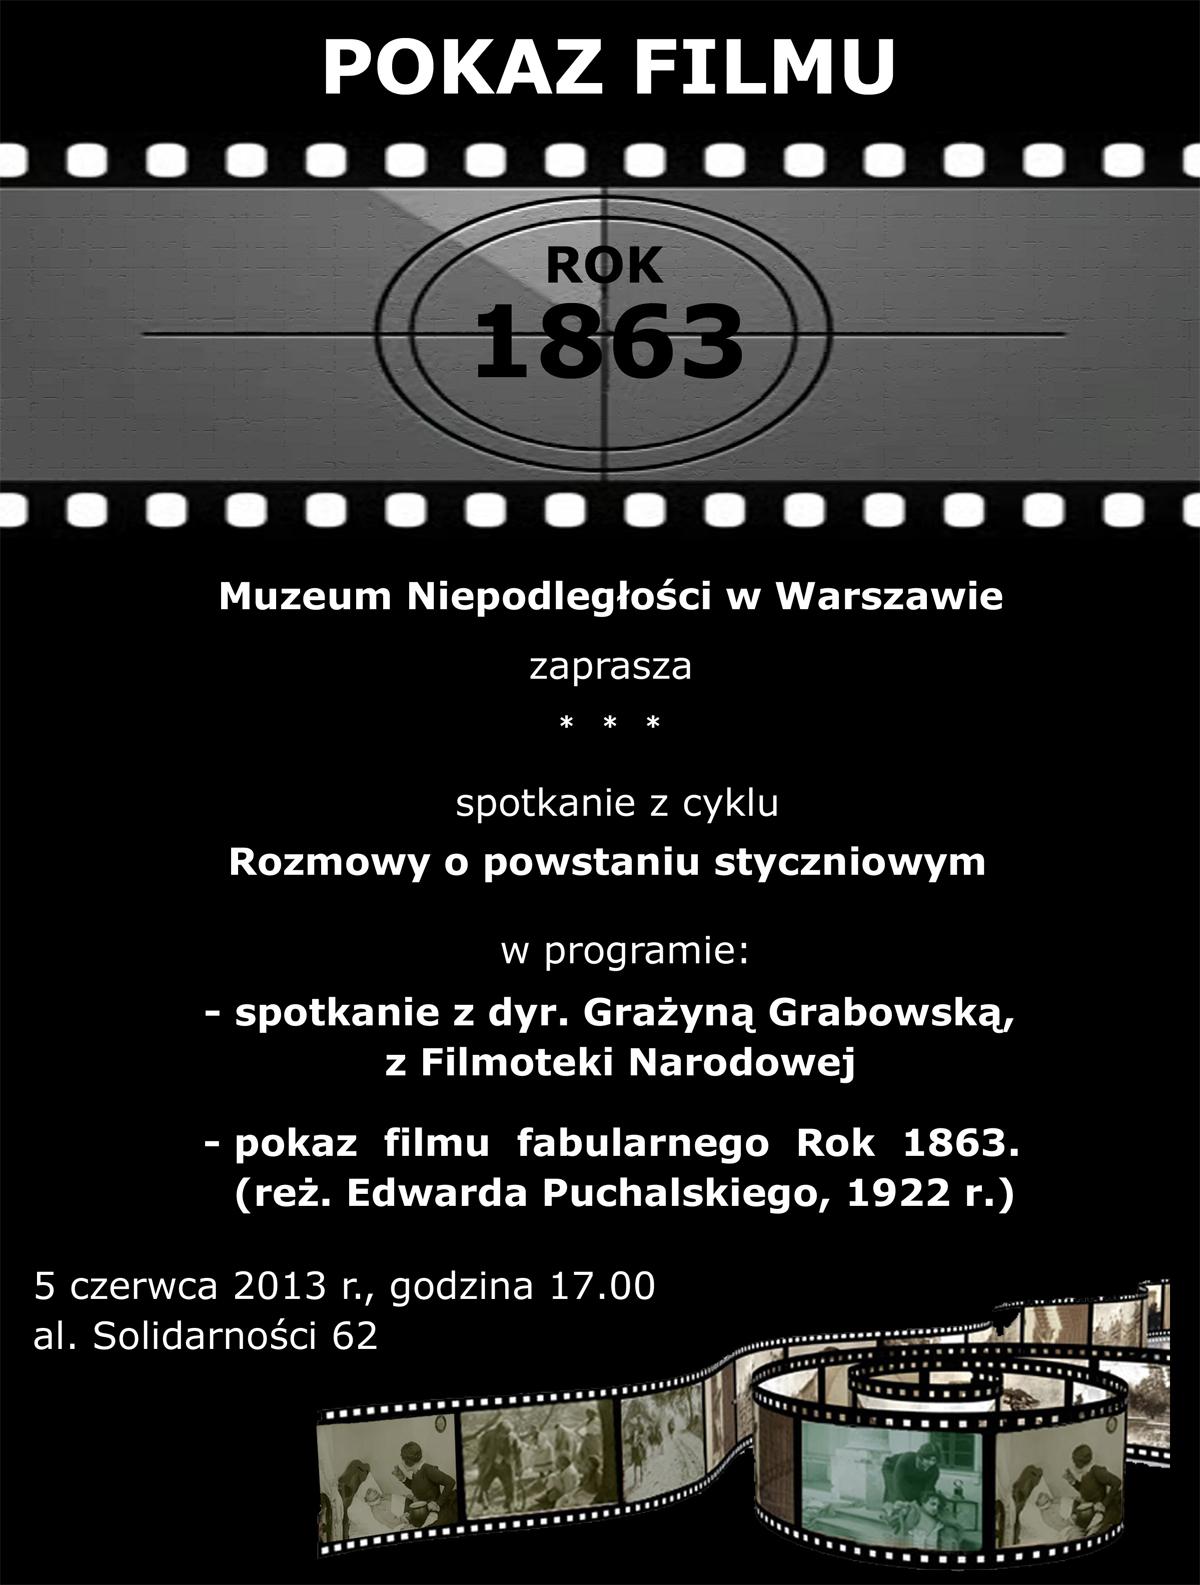 """Pokaz filmu """"Rok 1863"""" w Muzeum Niepodległości w Warszawie"""